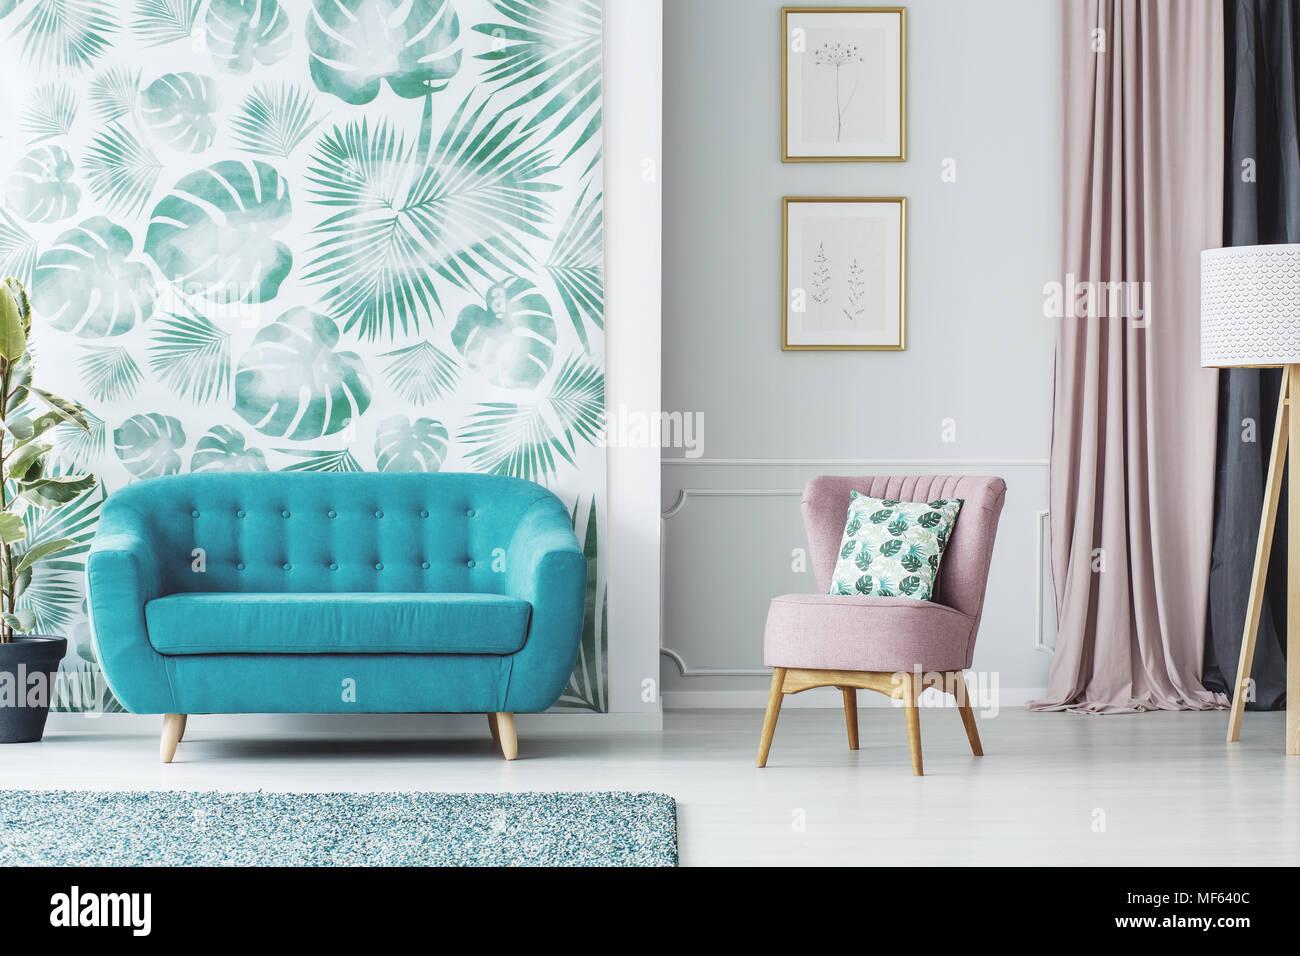 Fauteuil rose bleu à côté du canapé dans le salon intérieur avec posters et papier peint vert Photo Stock